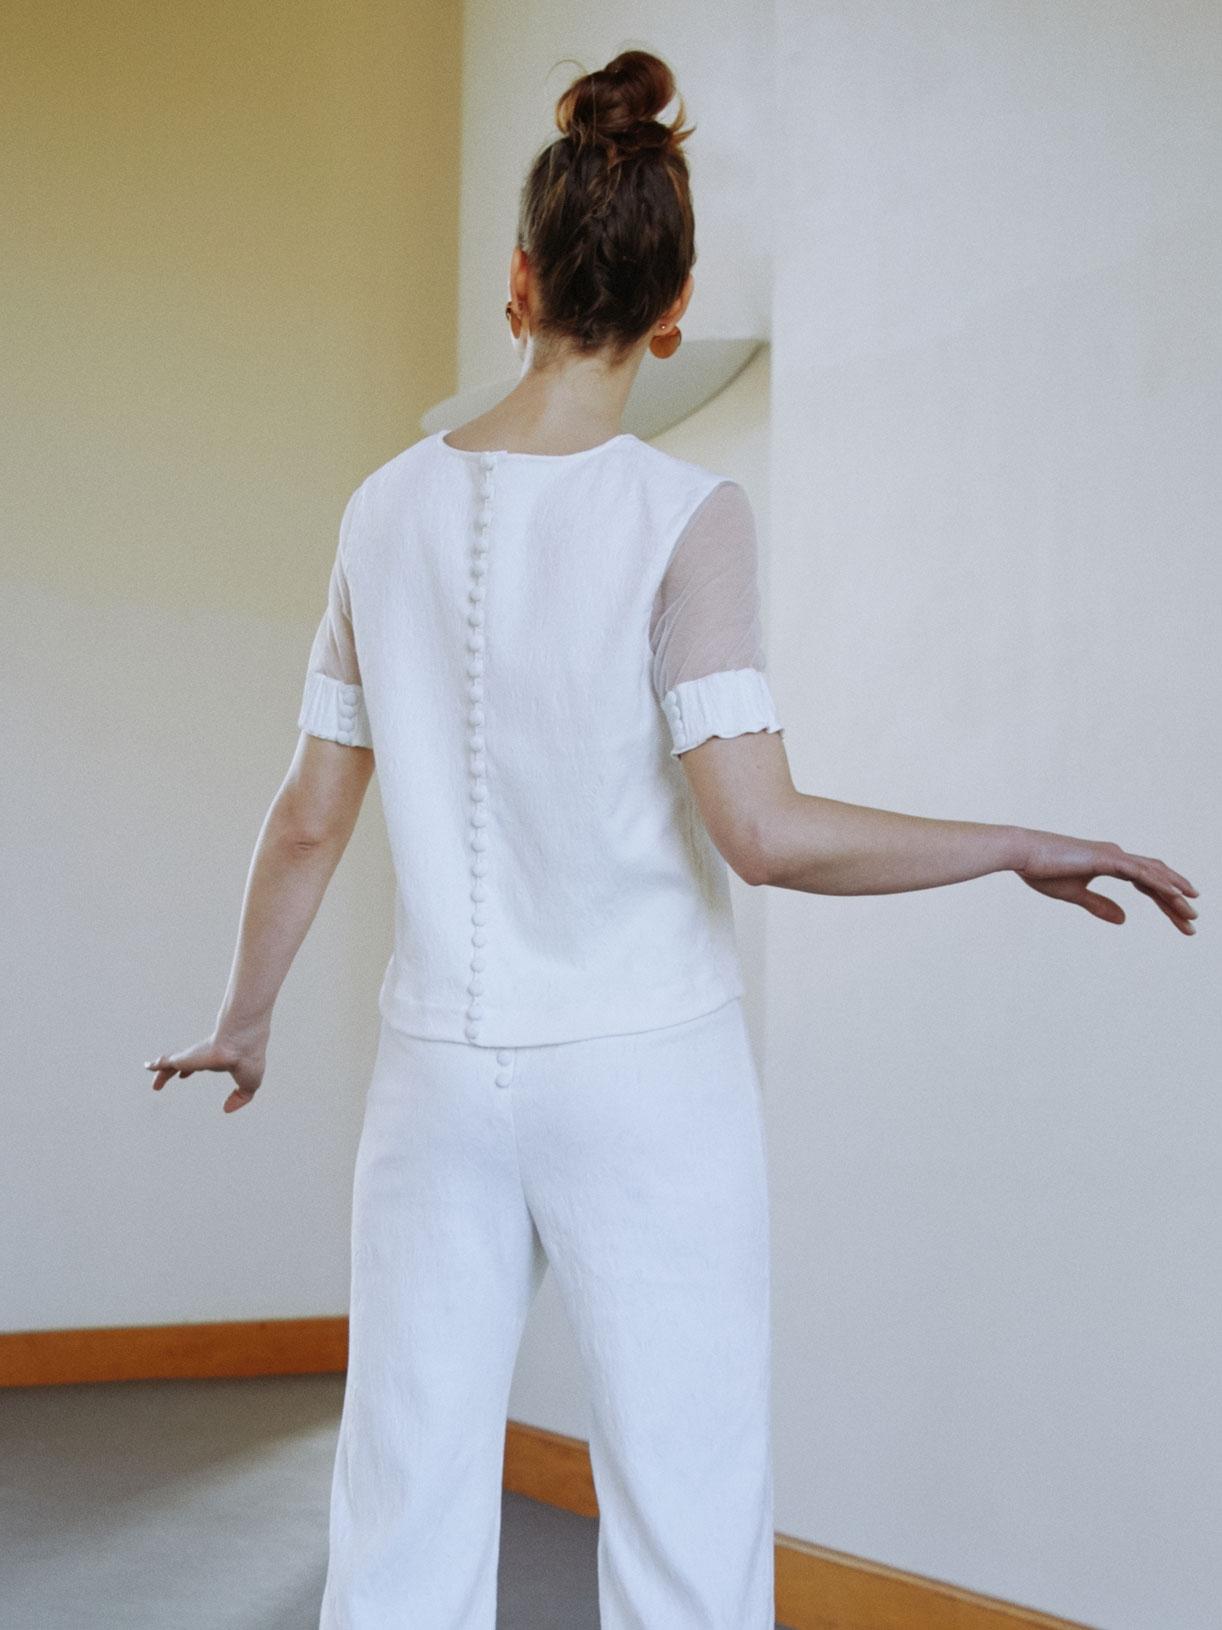 Fanny - Blouse de mariée retro a manches transparentes - Créatrice de robes de mariée sur-mesure éthique et bio sur Paris - Myphilosophy